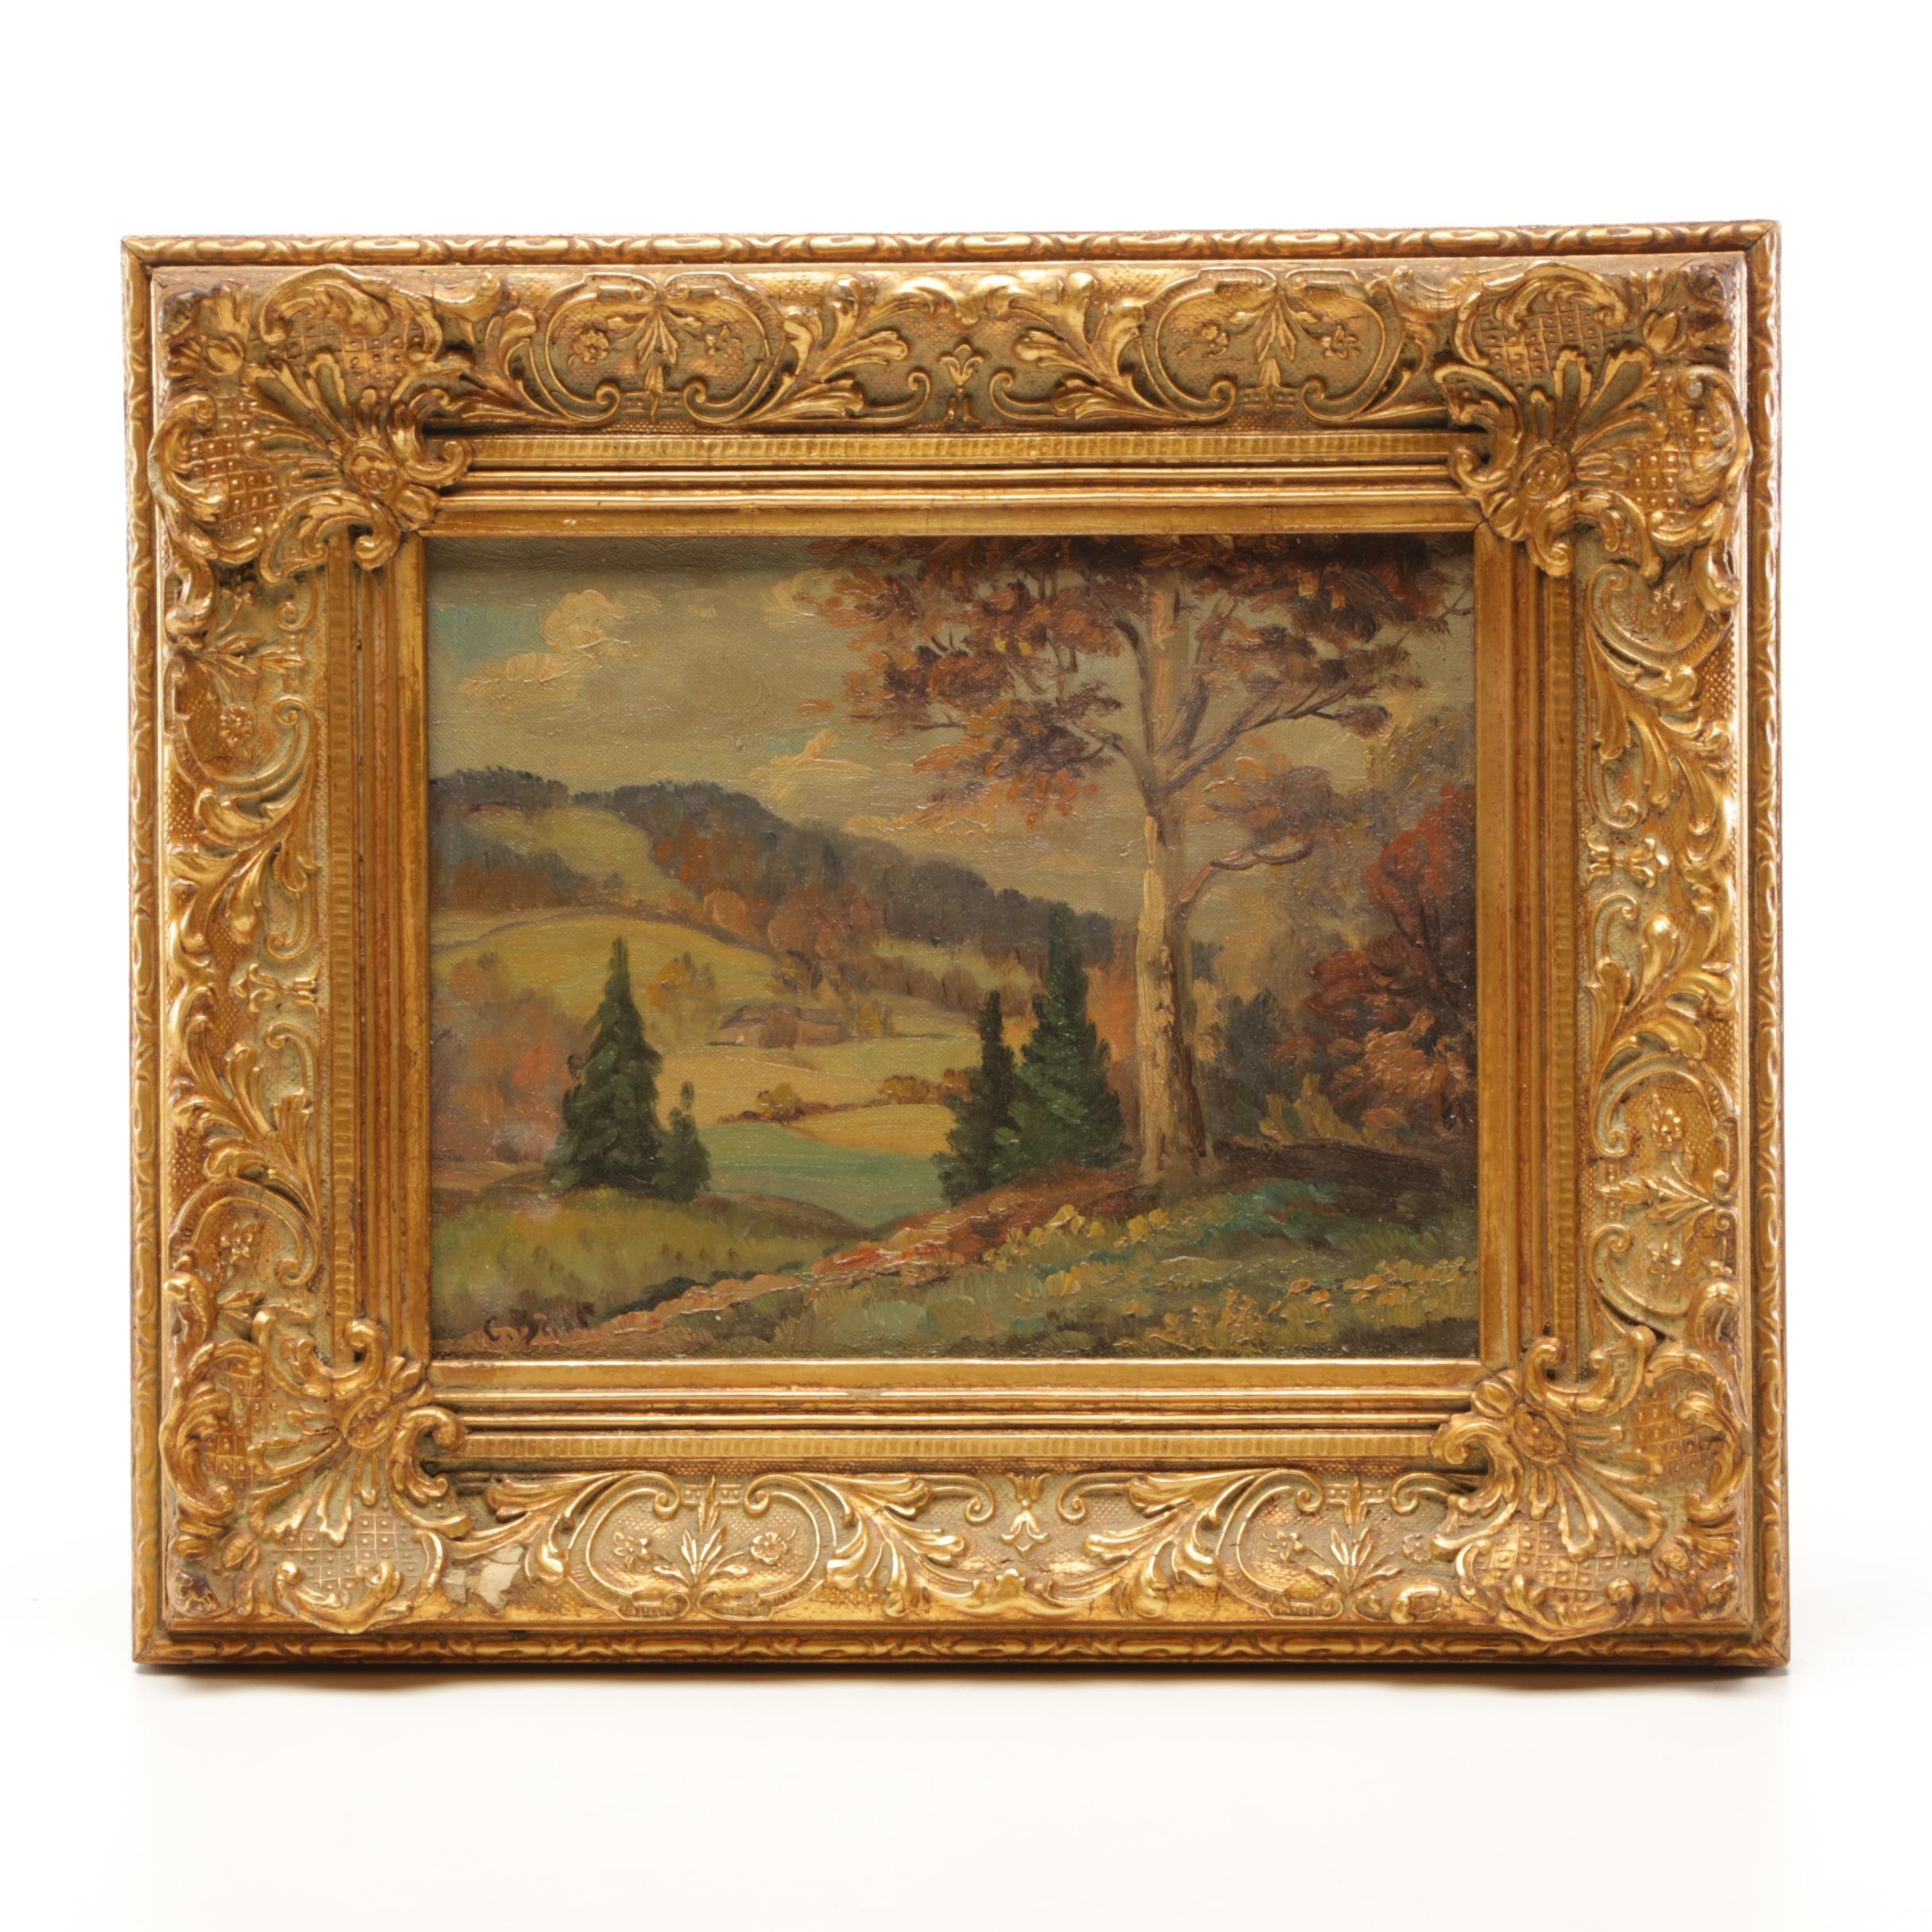 C. Barr Landscape Oil Painting